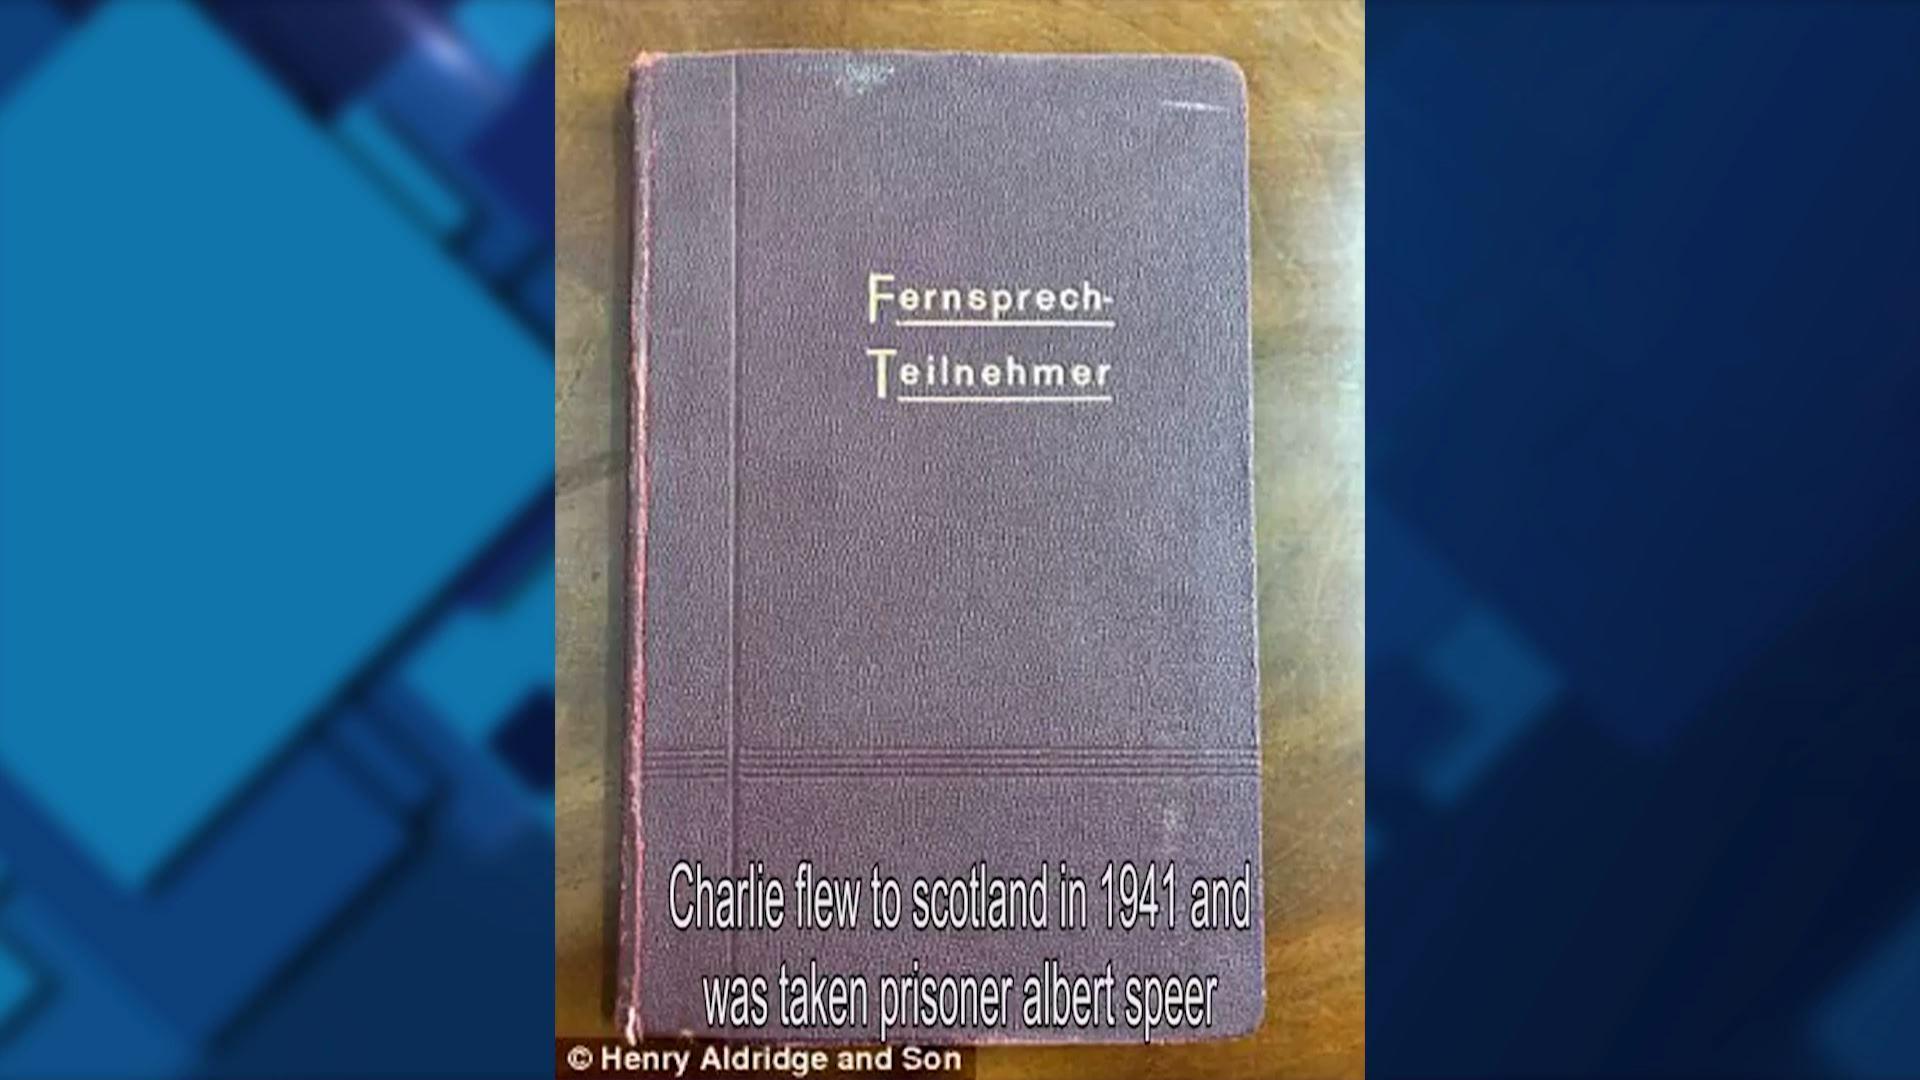 ჰიტლერის წიგნაკი აუქციონზე გაიყიდა